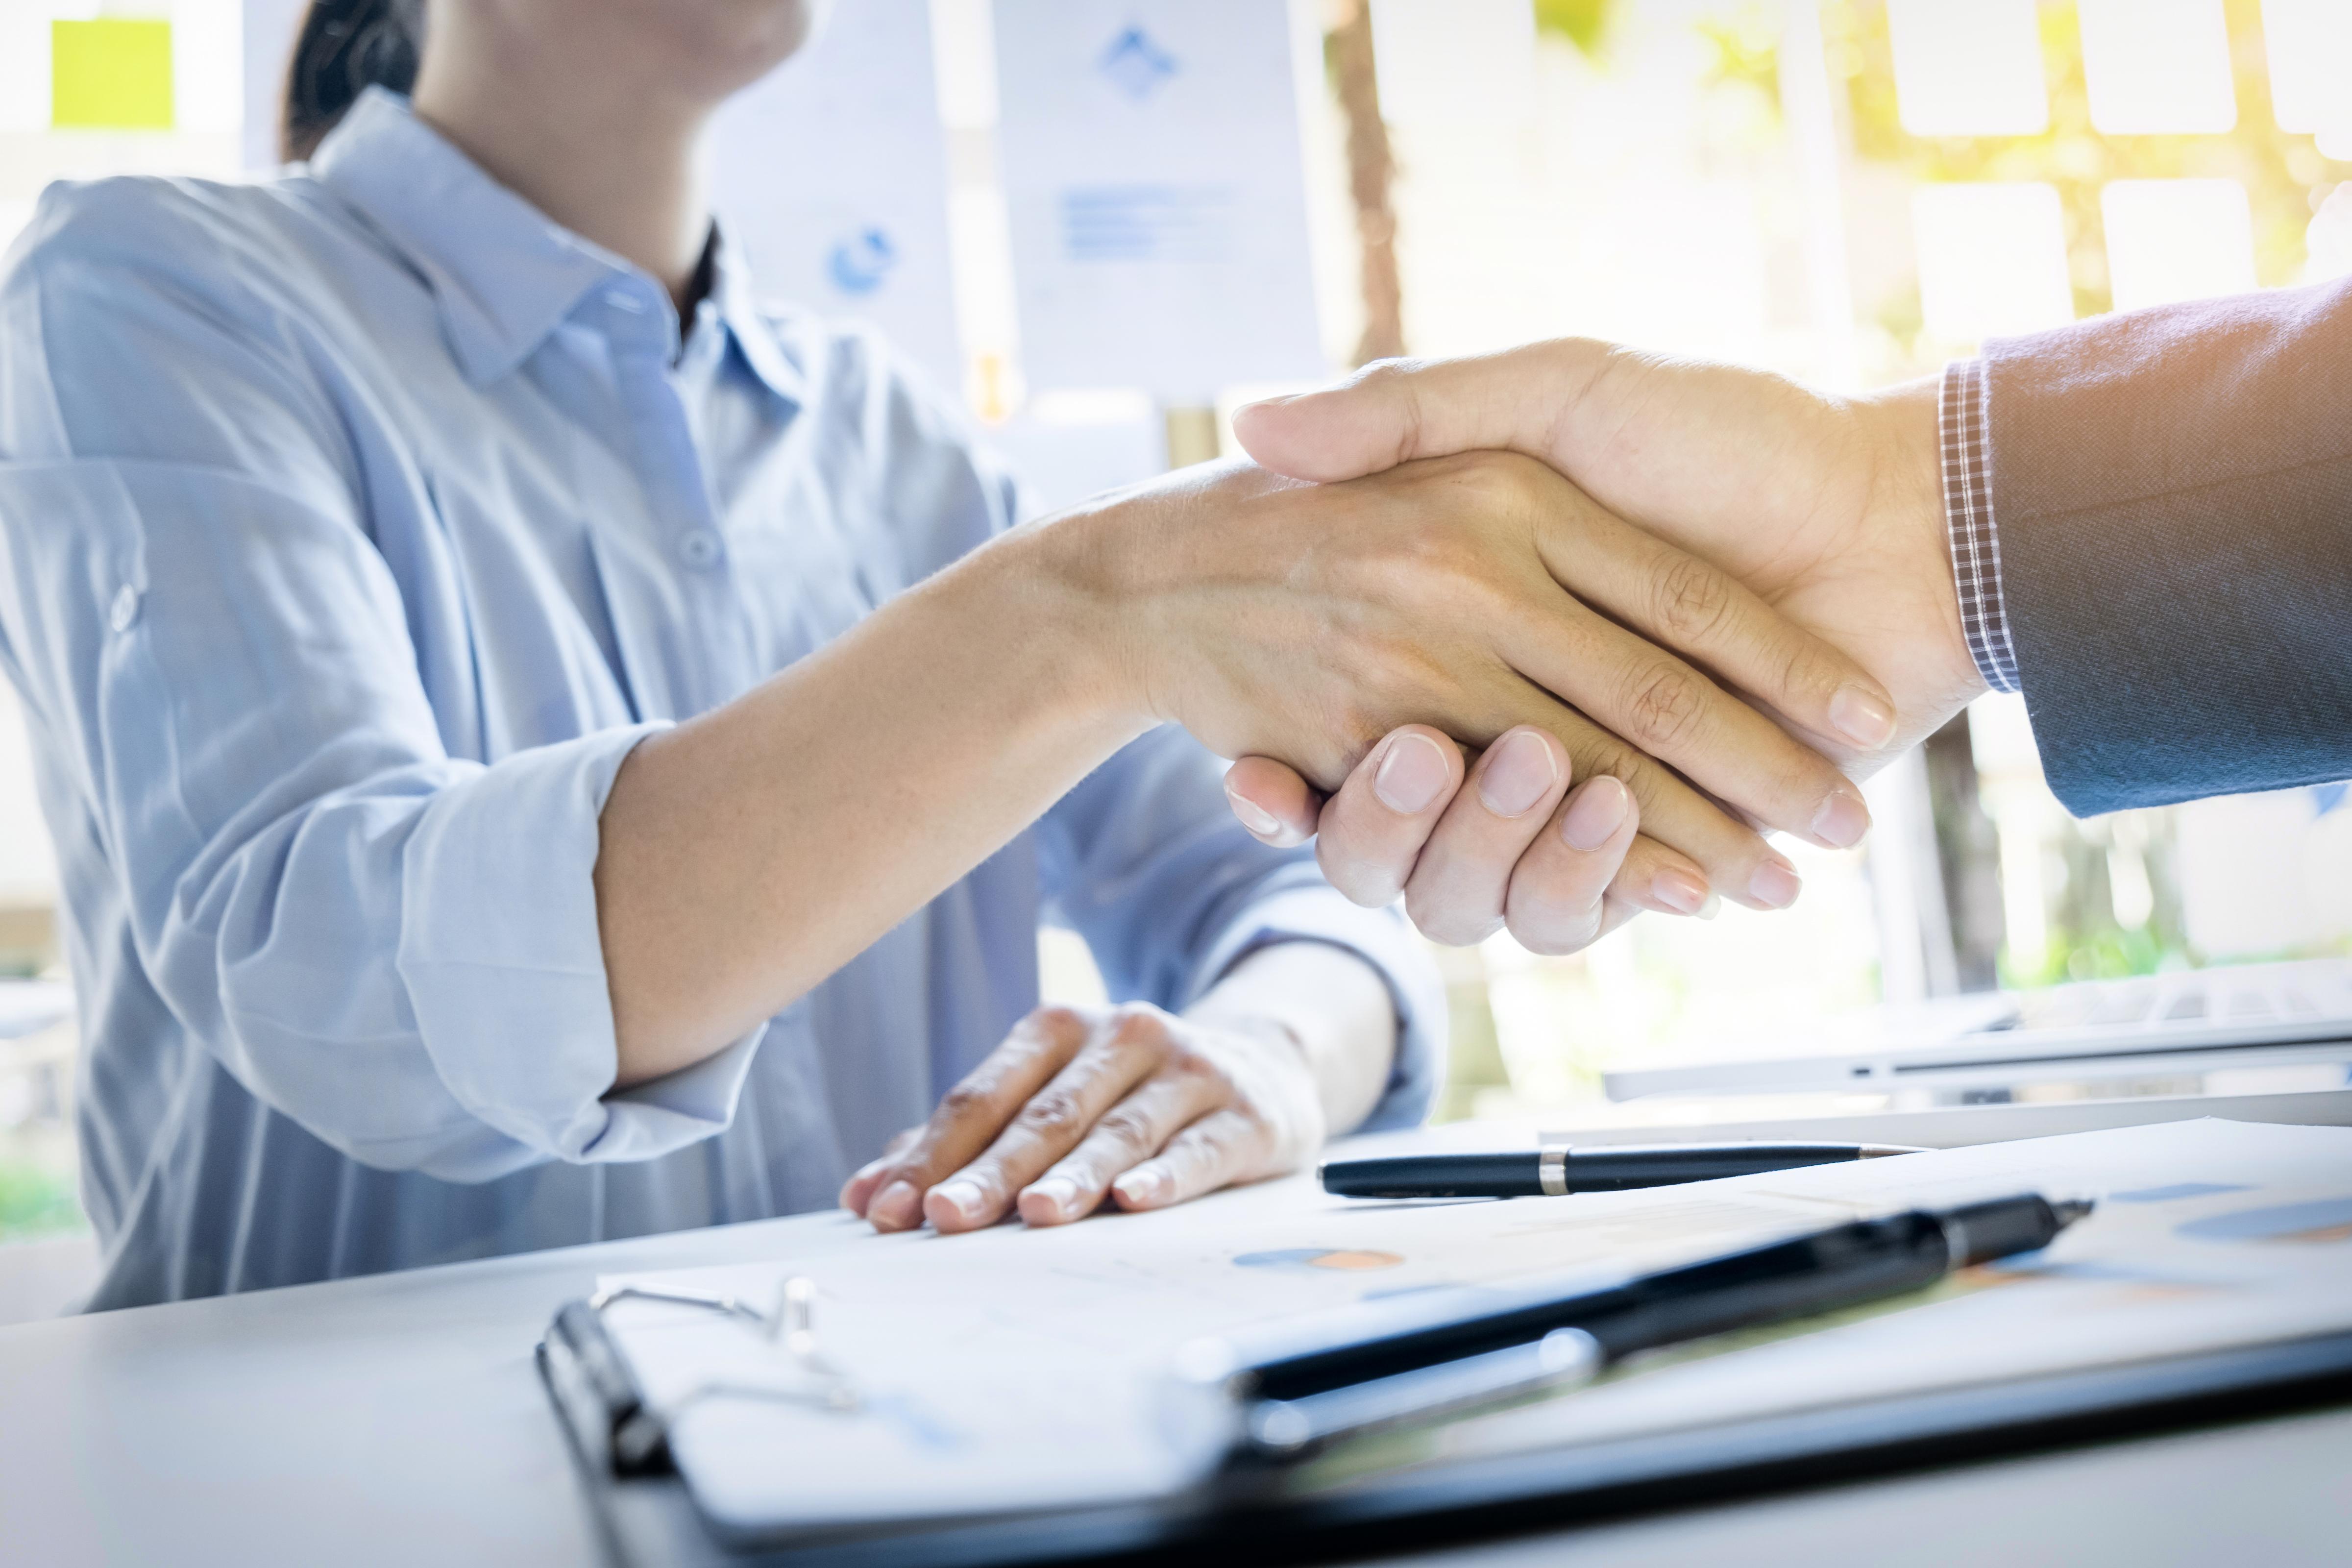 Existeixen diferents formes de relació contractual que es poden establir entre treballadors/es i entitats. Font: Freepik.